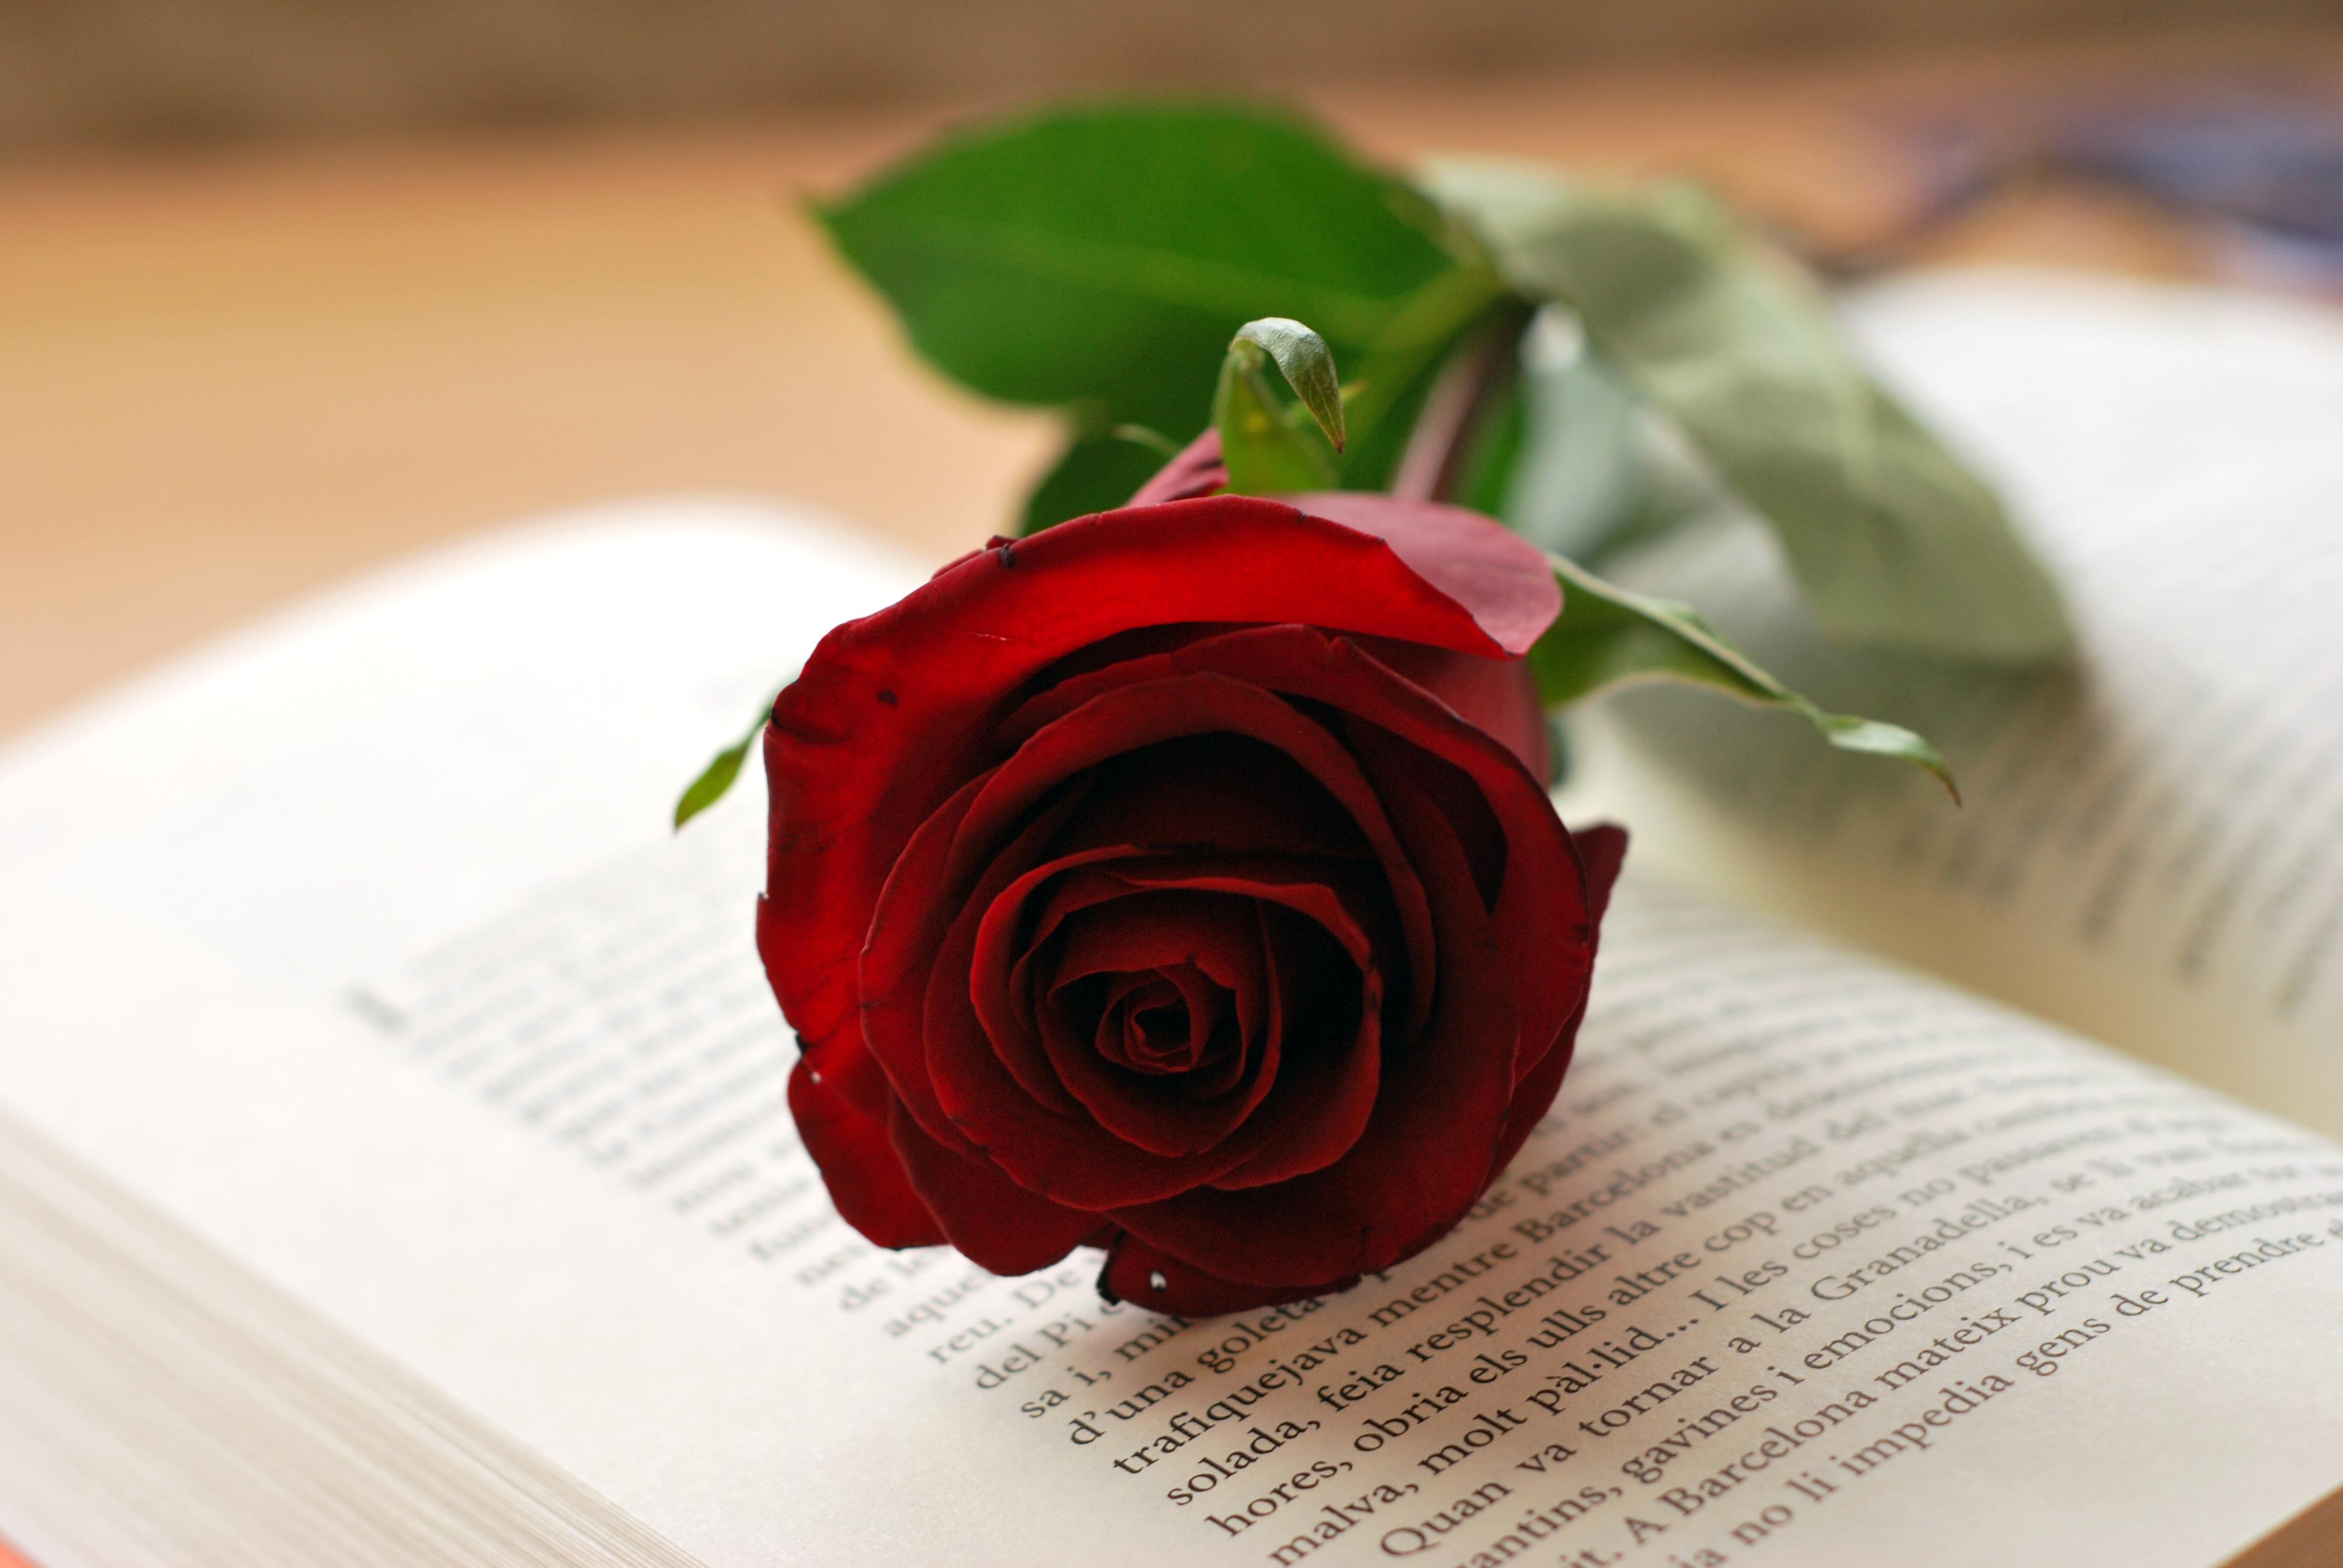 Rosa-i-llibre-Sant-Jordi-copia.jpg